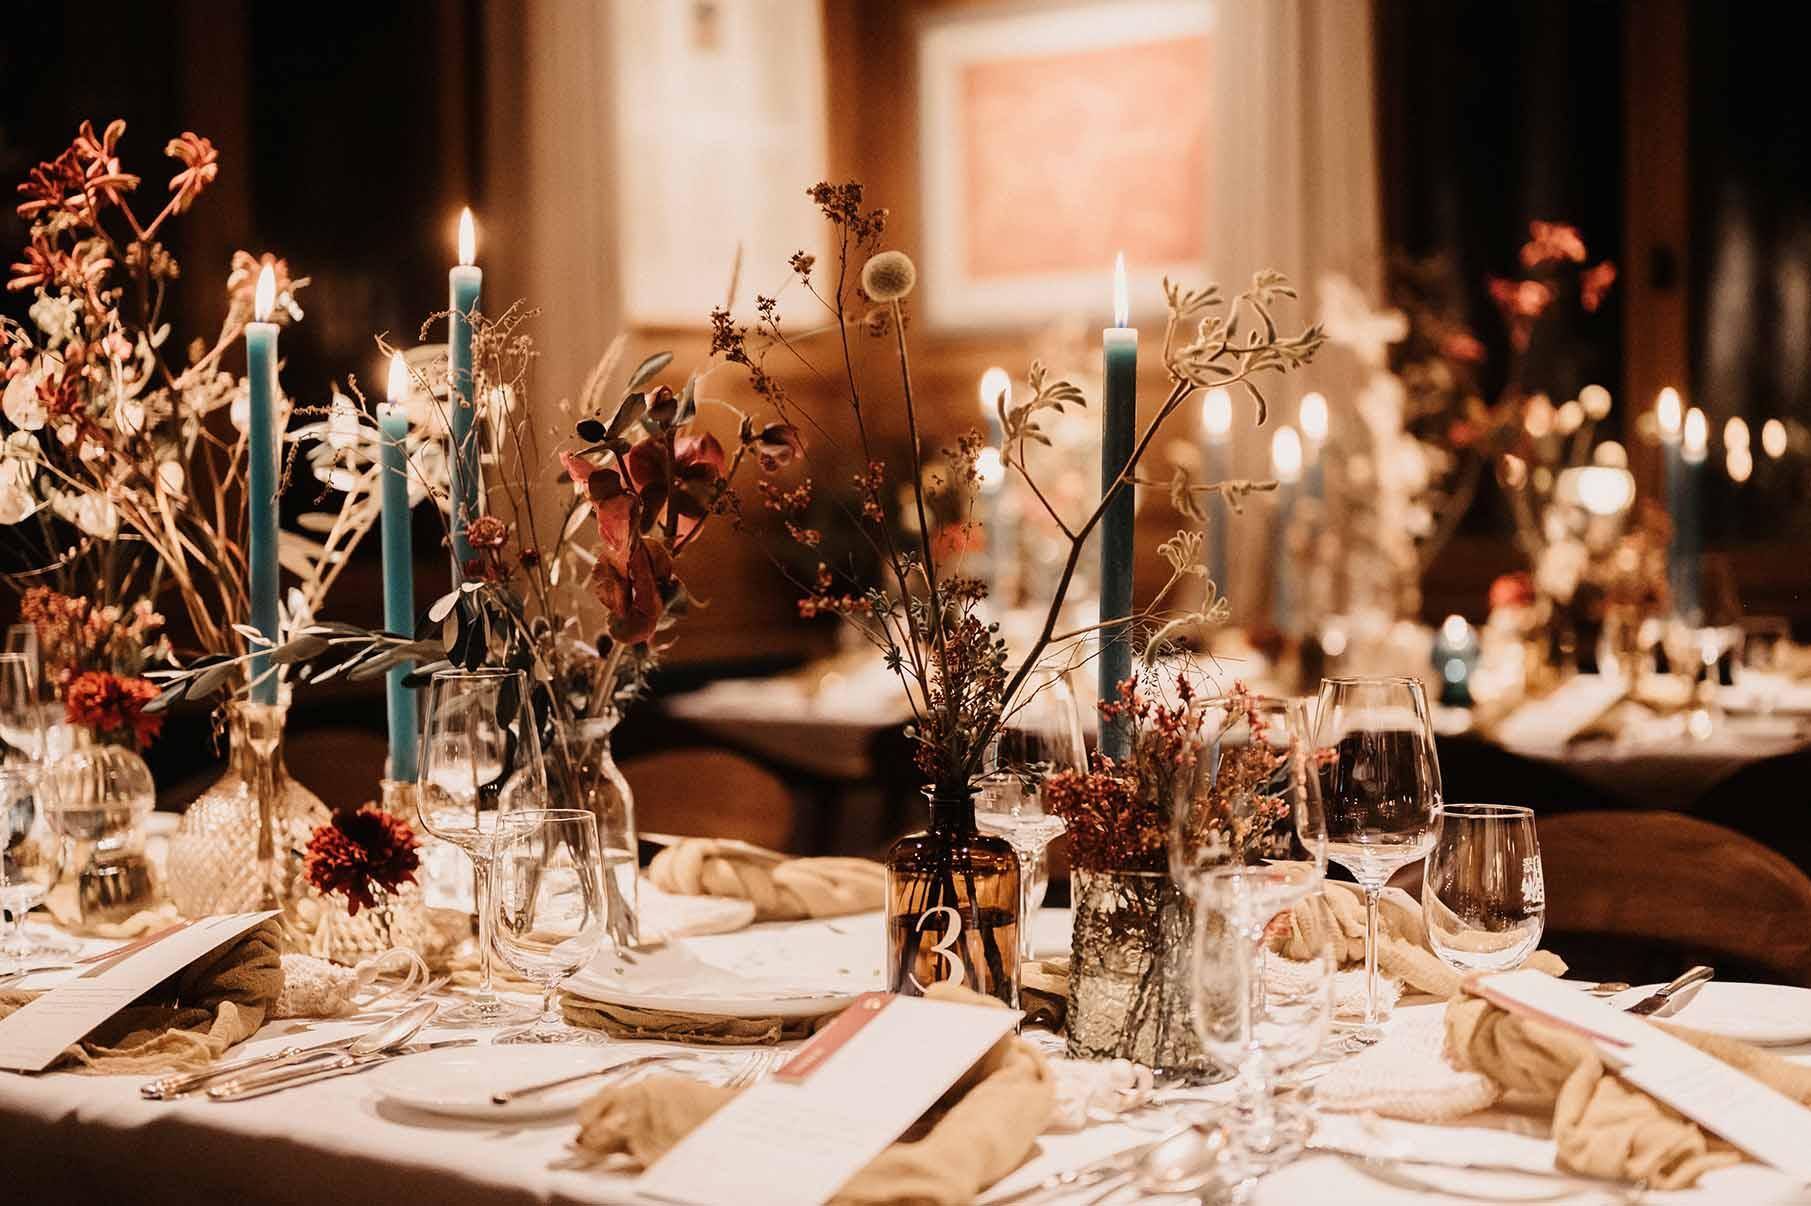 Hochzeitsplanung Vorarlberg |Liebeleih | Hochzeitsdekoration, Floristik, Hohenems